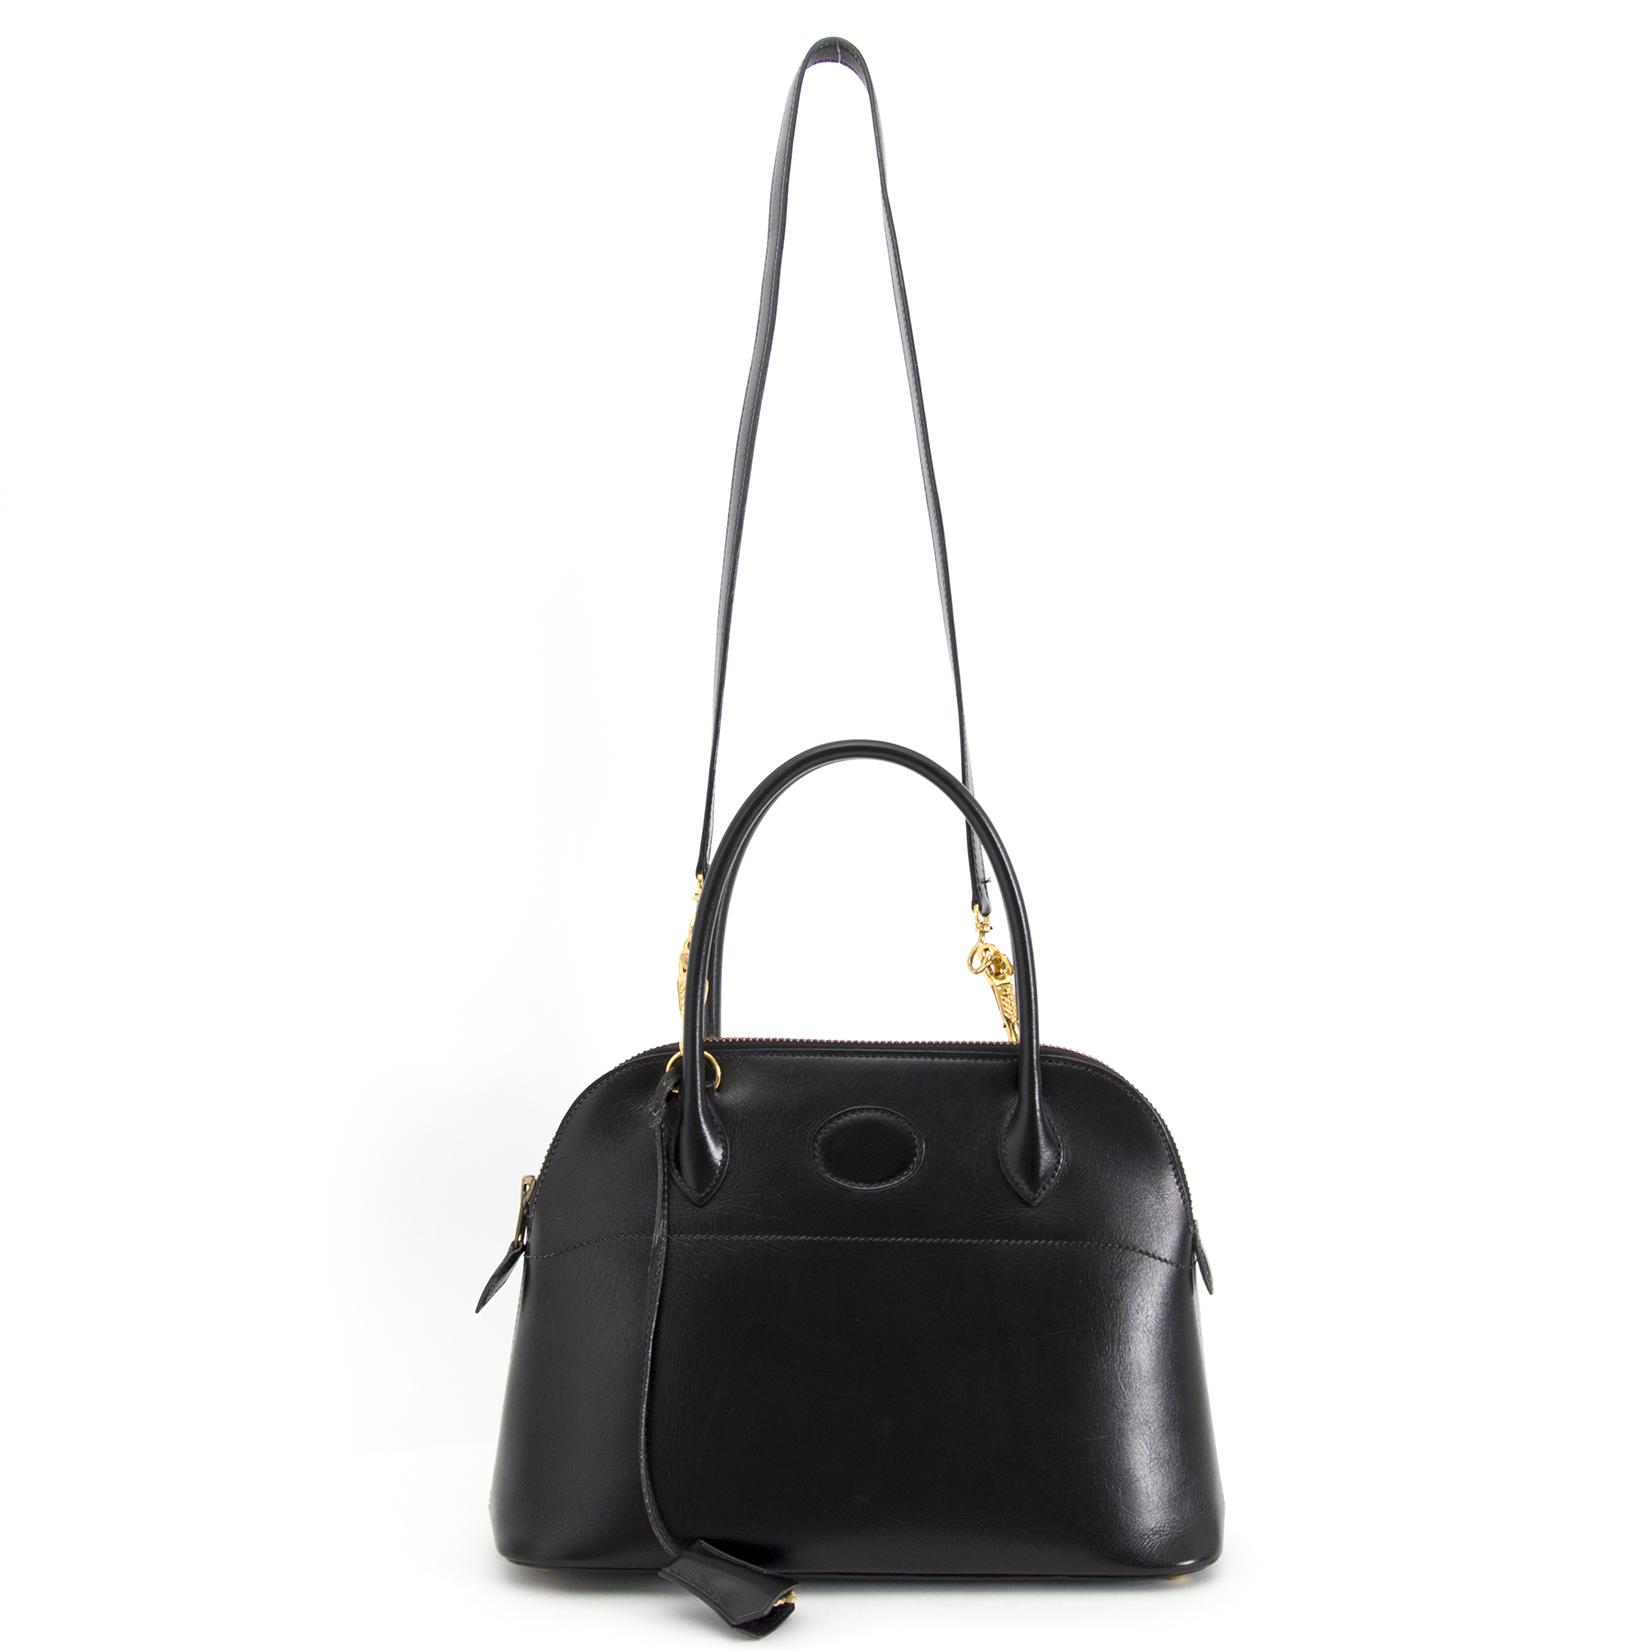 koop online aan de beste prijs Hermes Black Bolide 27 Bag